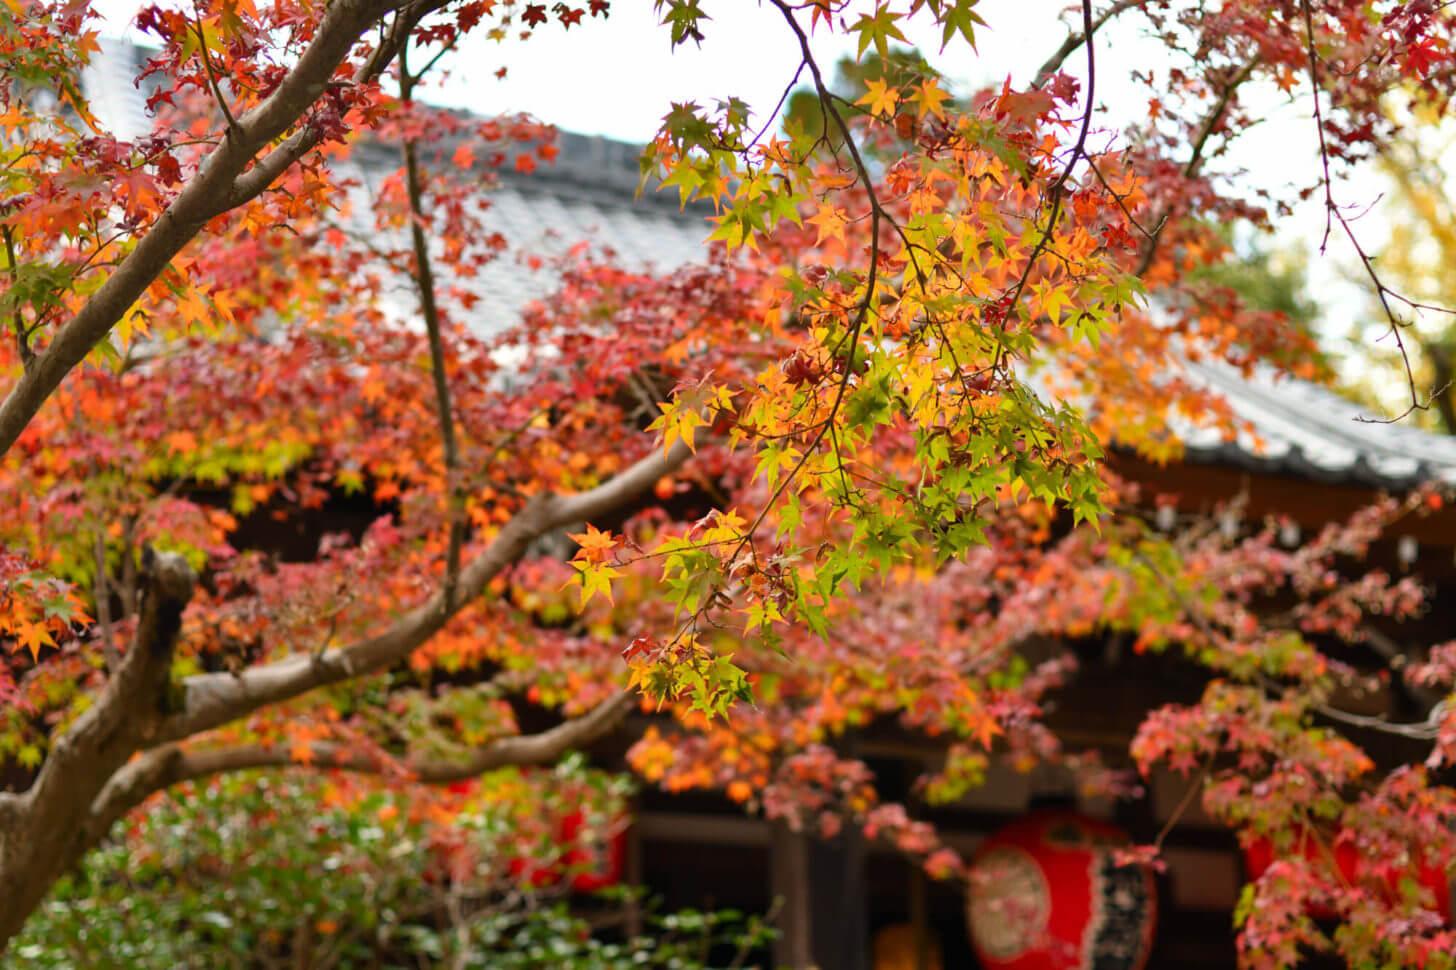 赤山禅院 地蔵尊の紅葉